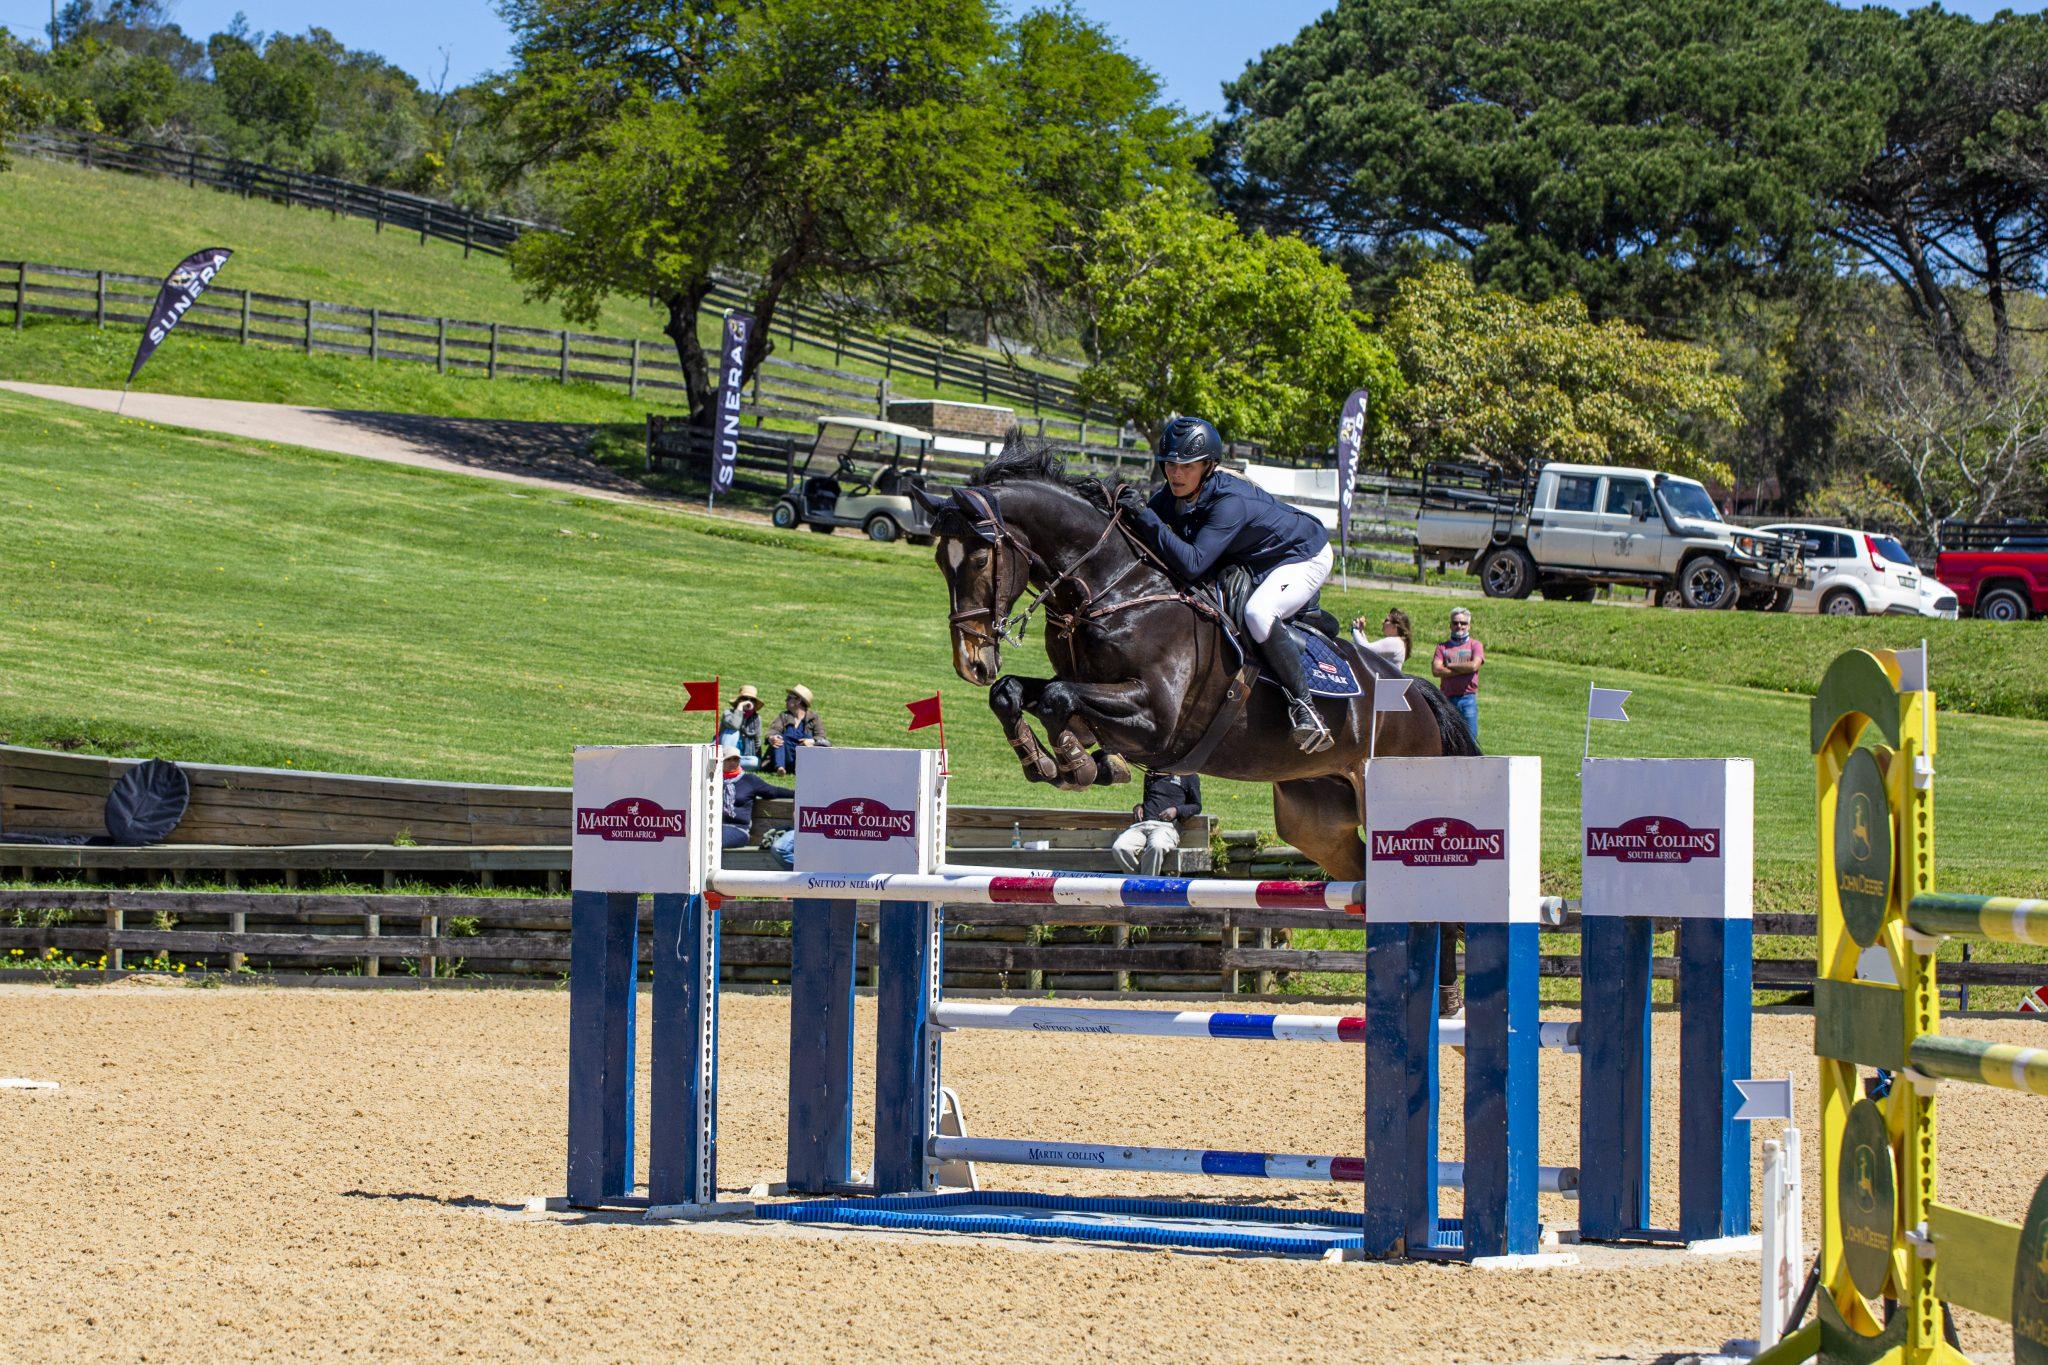 Jade's Horses